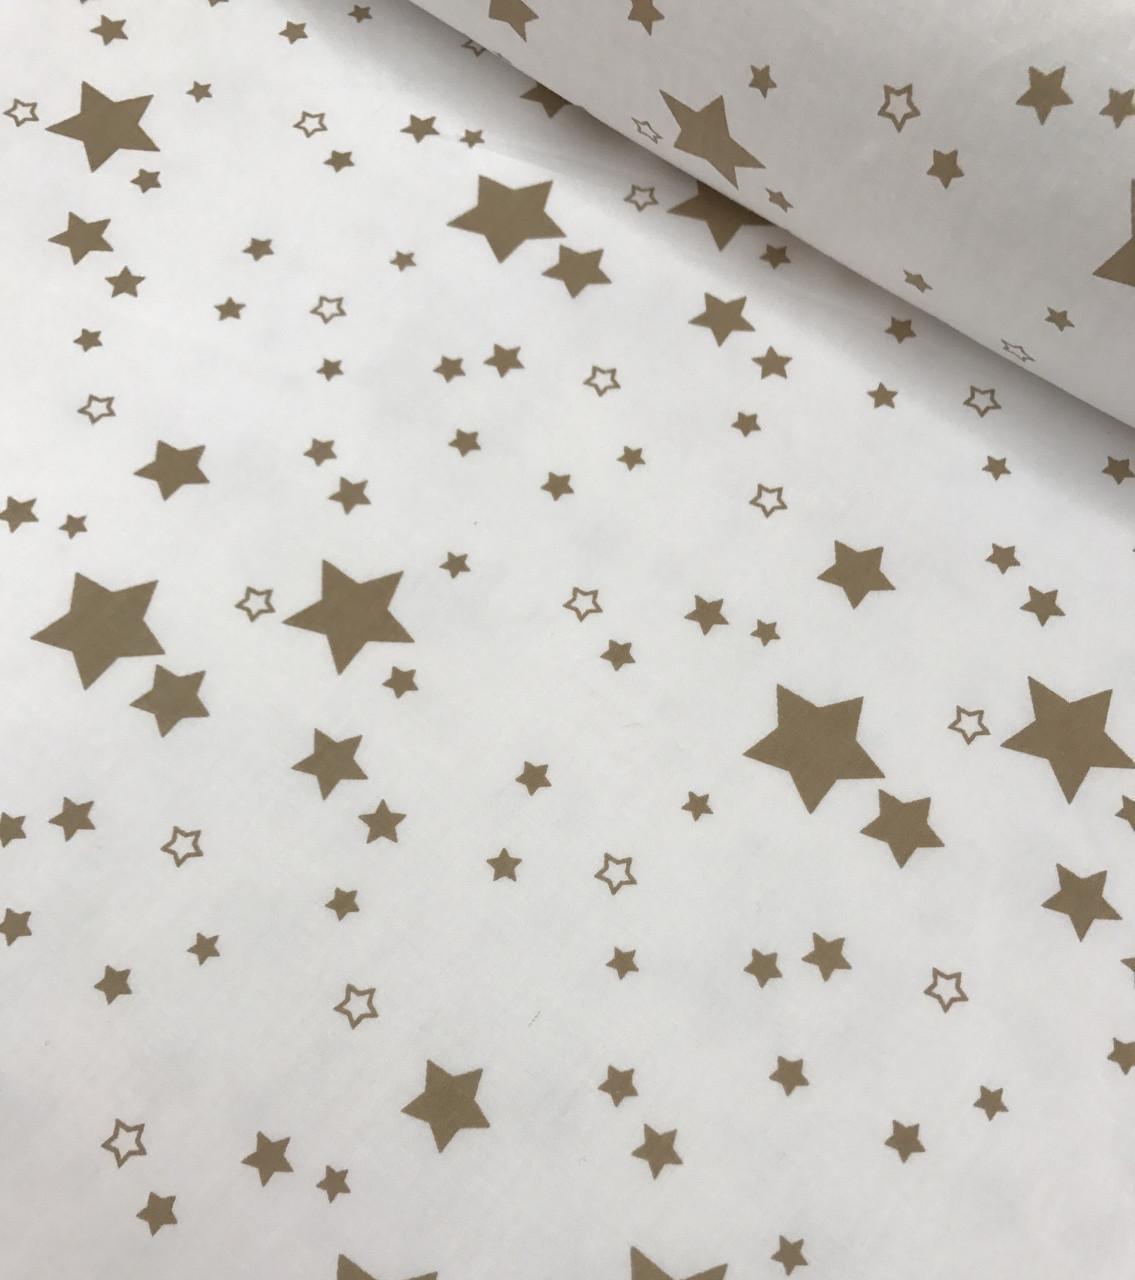 Хлопковая ткань звезды бежевые на белом большие и маленькие (КОРЕЯ) №604